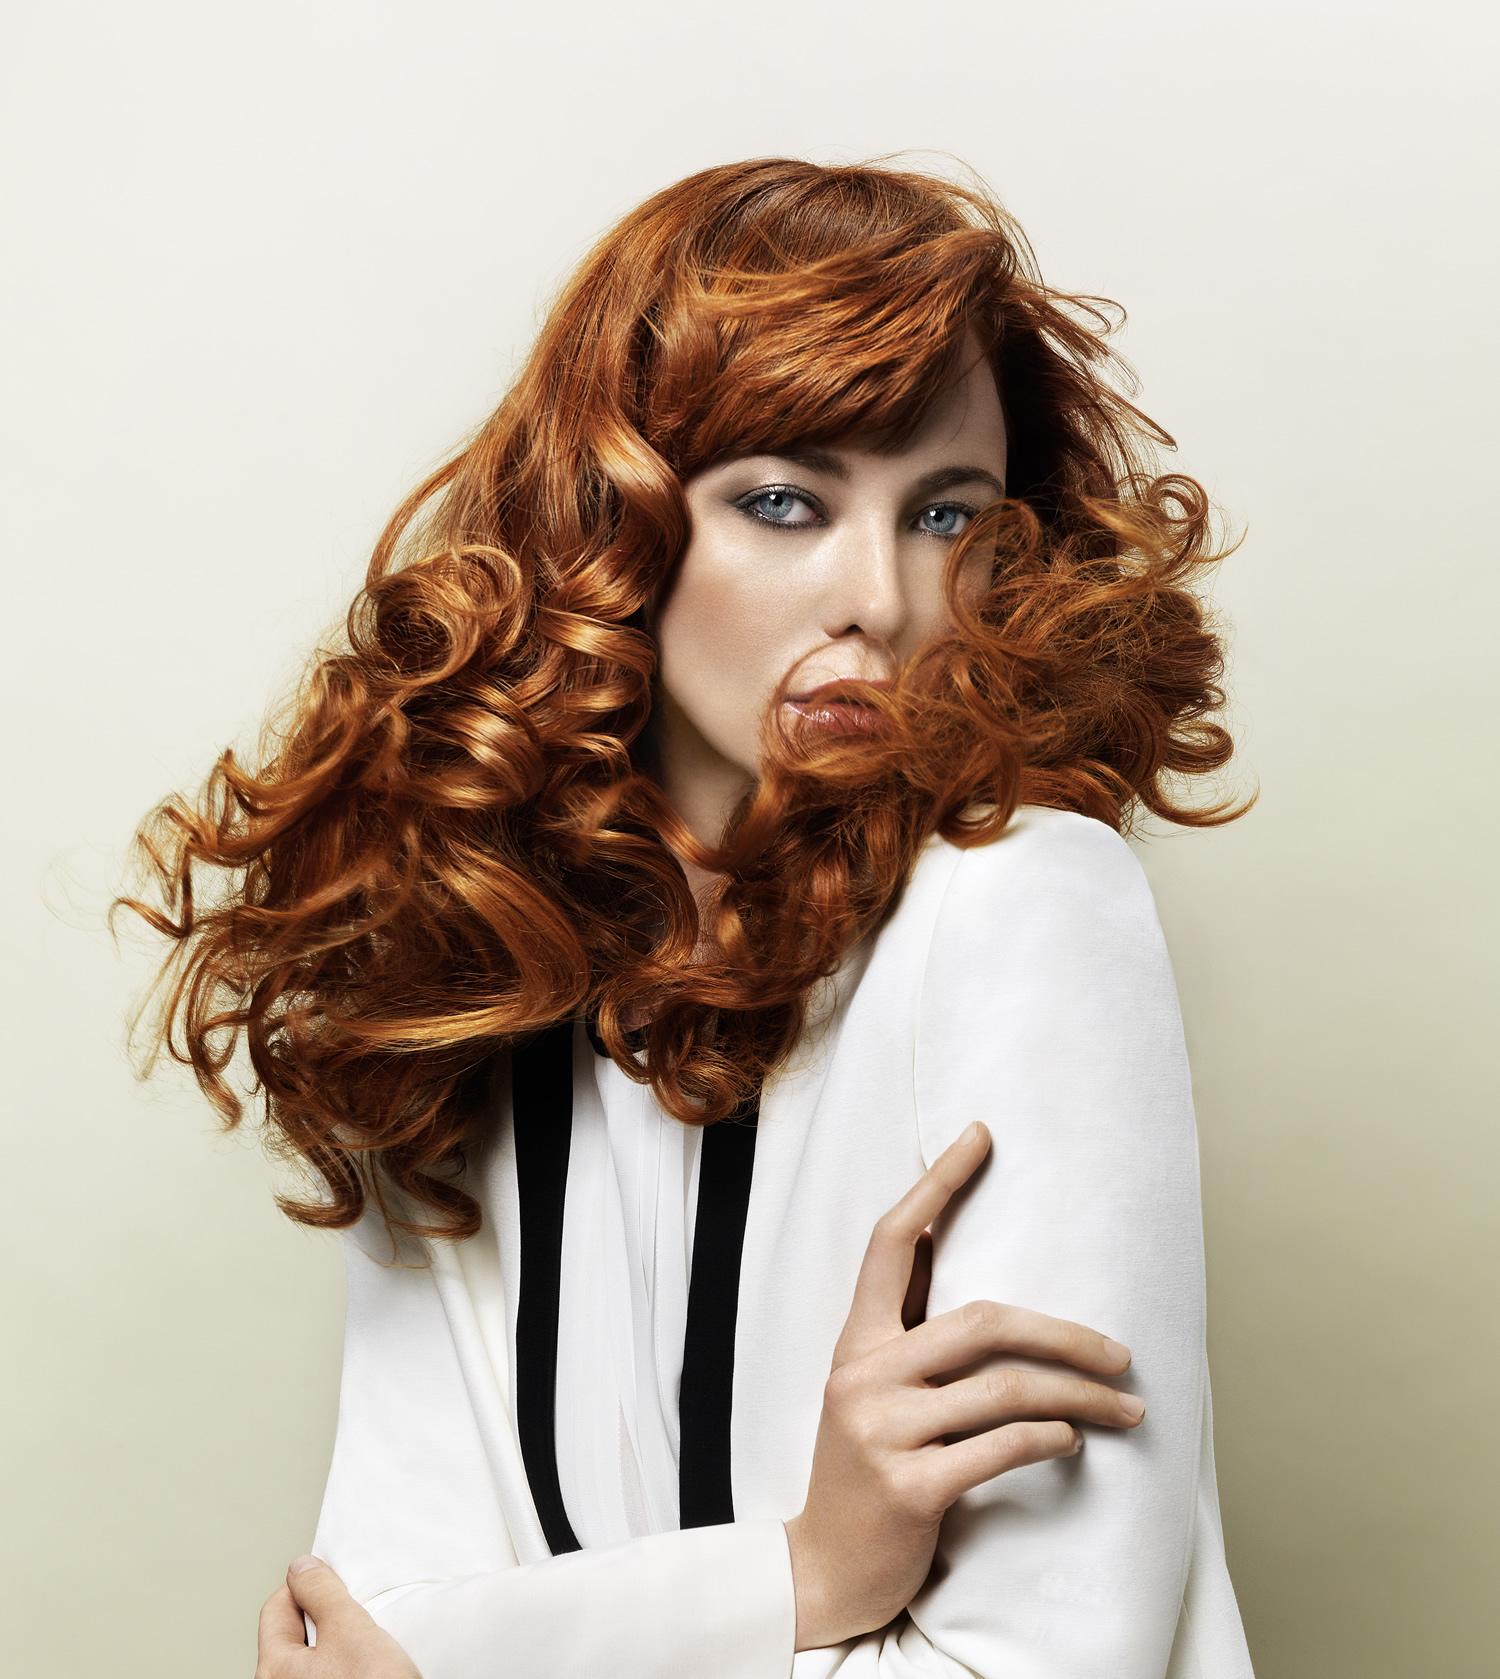 Wir setzen neue Maßstäbe für natürlich wirkende Colorationen mit beeindruckenden Lichtreflexion und Haarschutz